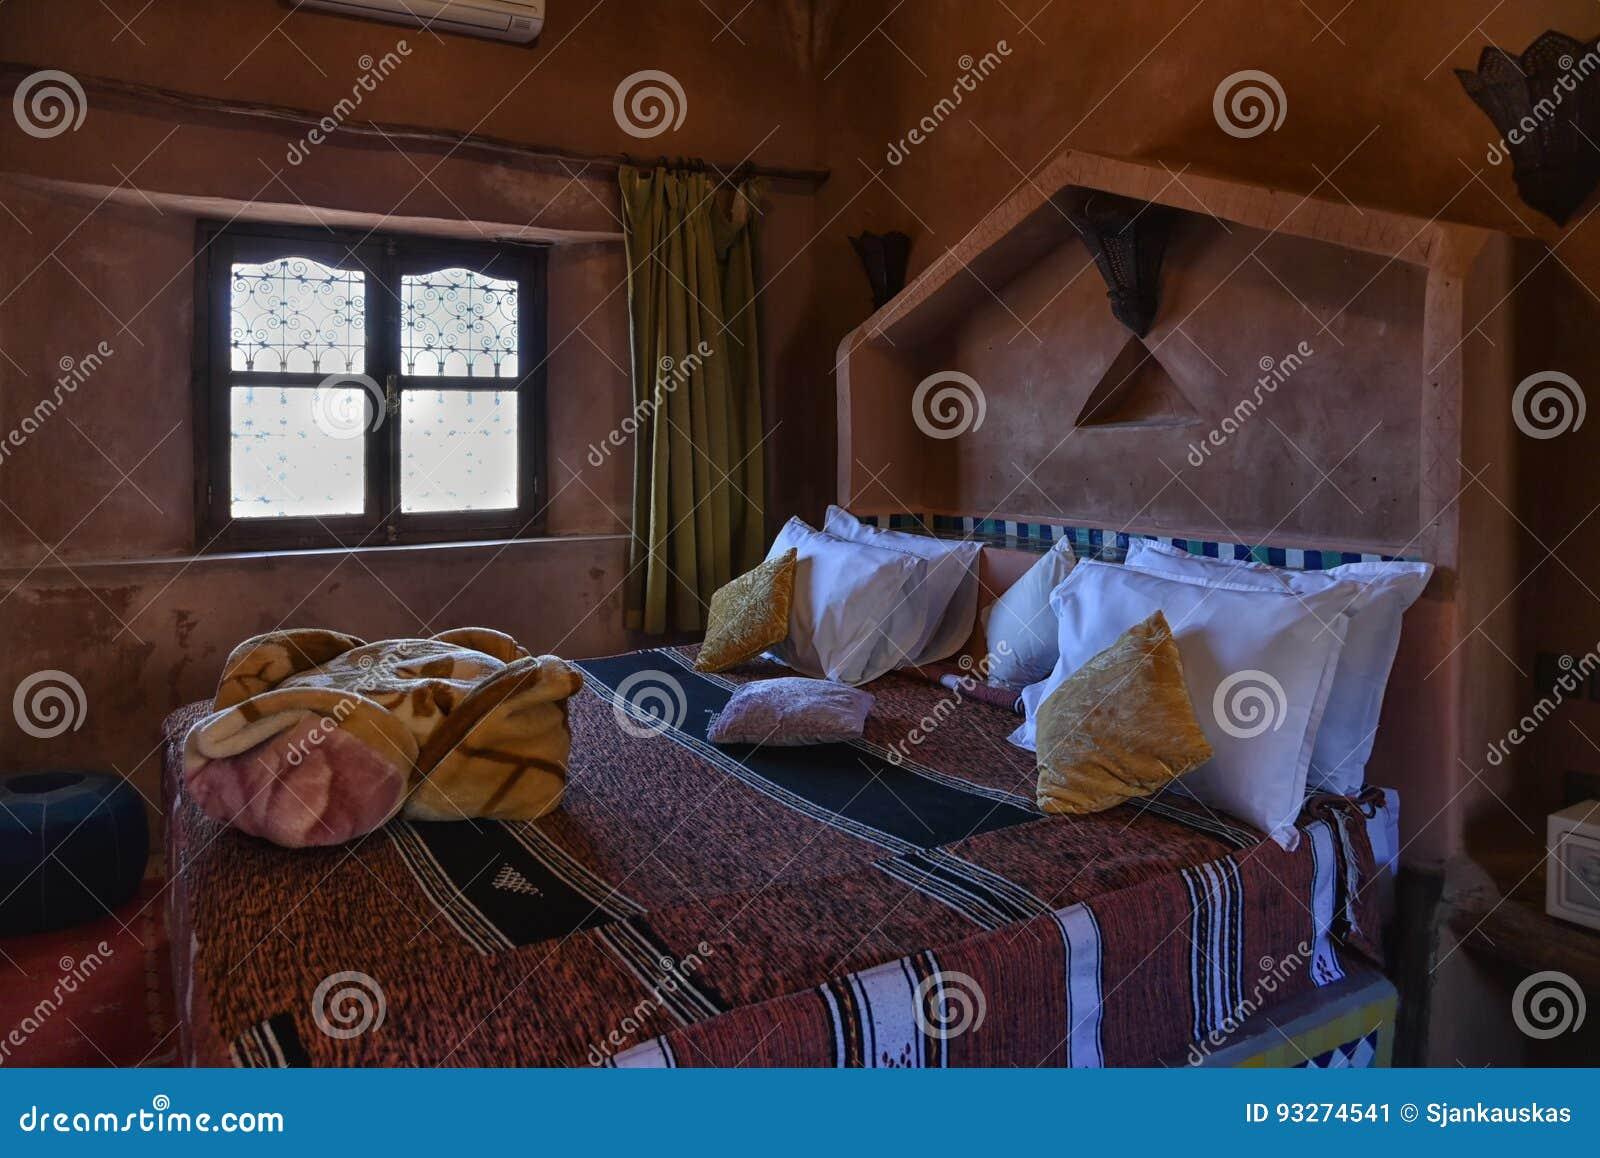 Camere Da Letto Marocco : Camera da letto interna progettazione tradizionale nel marocco